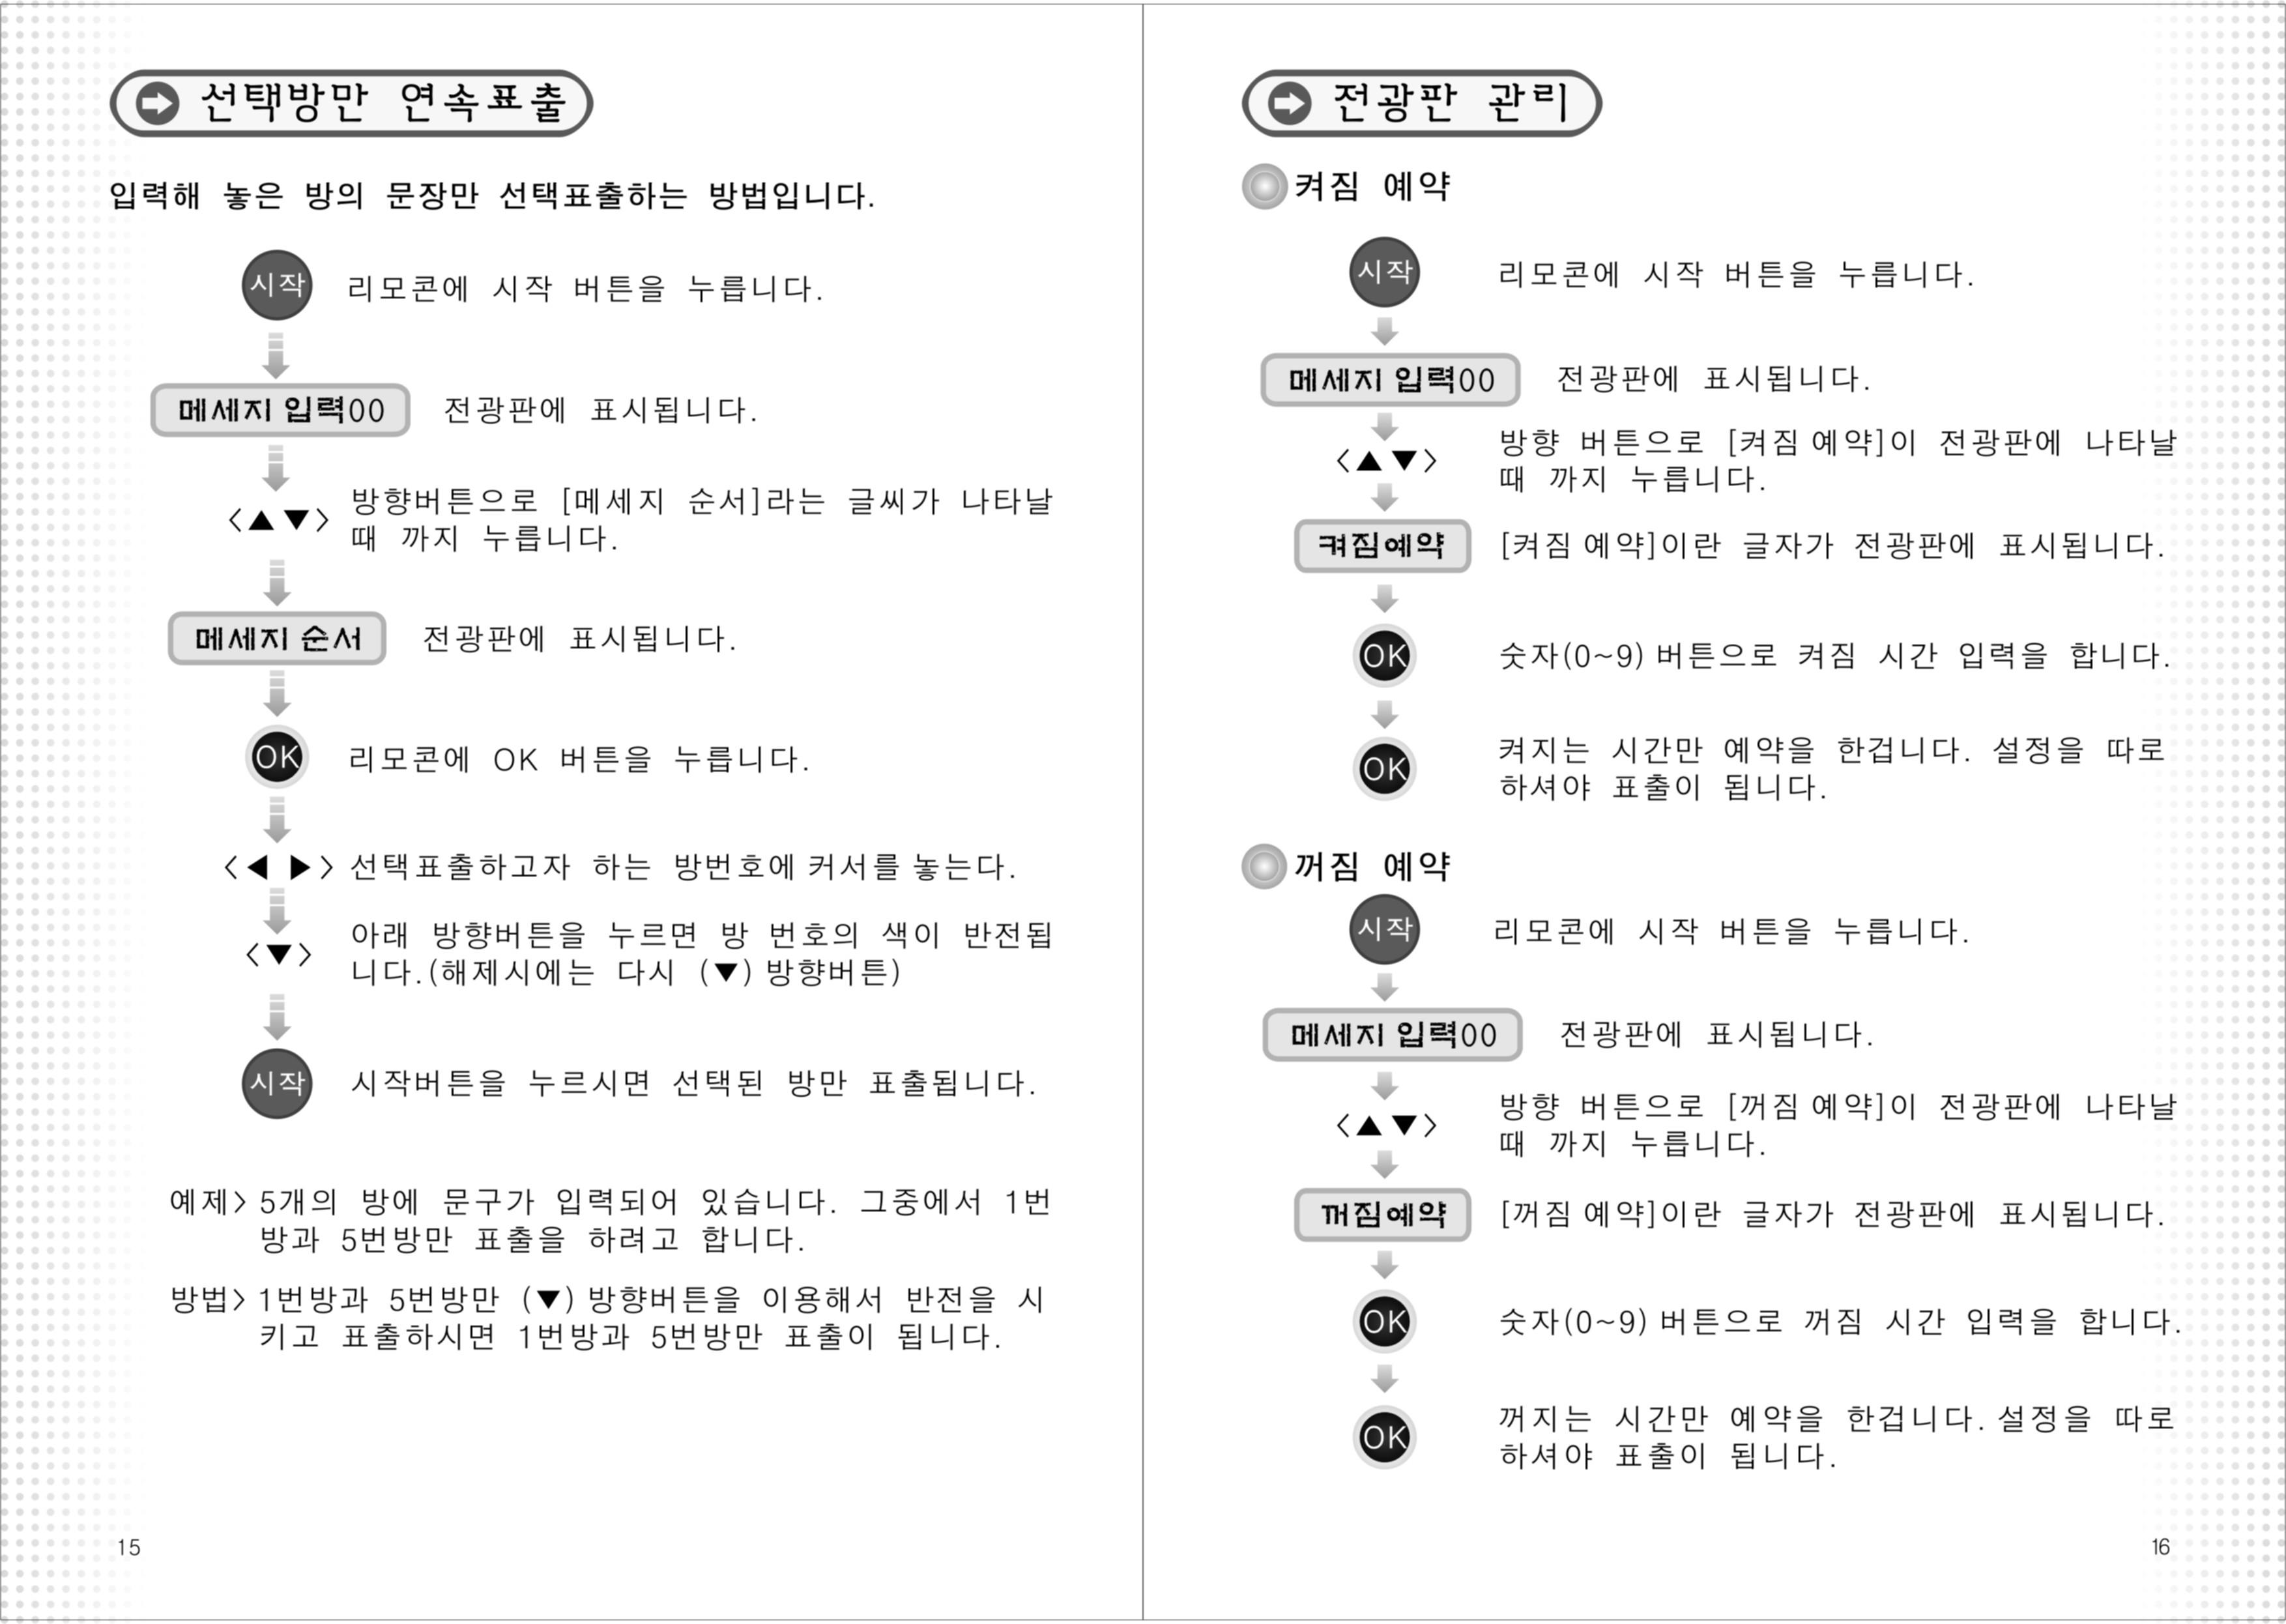 진영정보통신_사용 설명서 (9).jpg